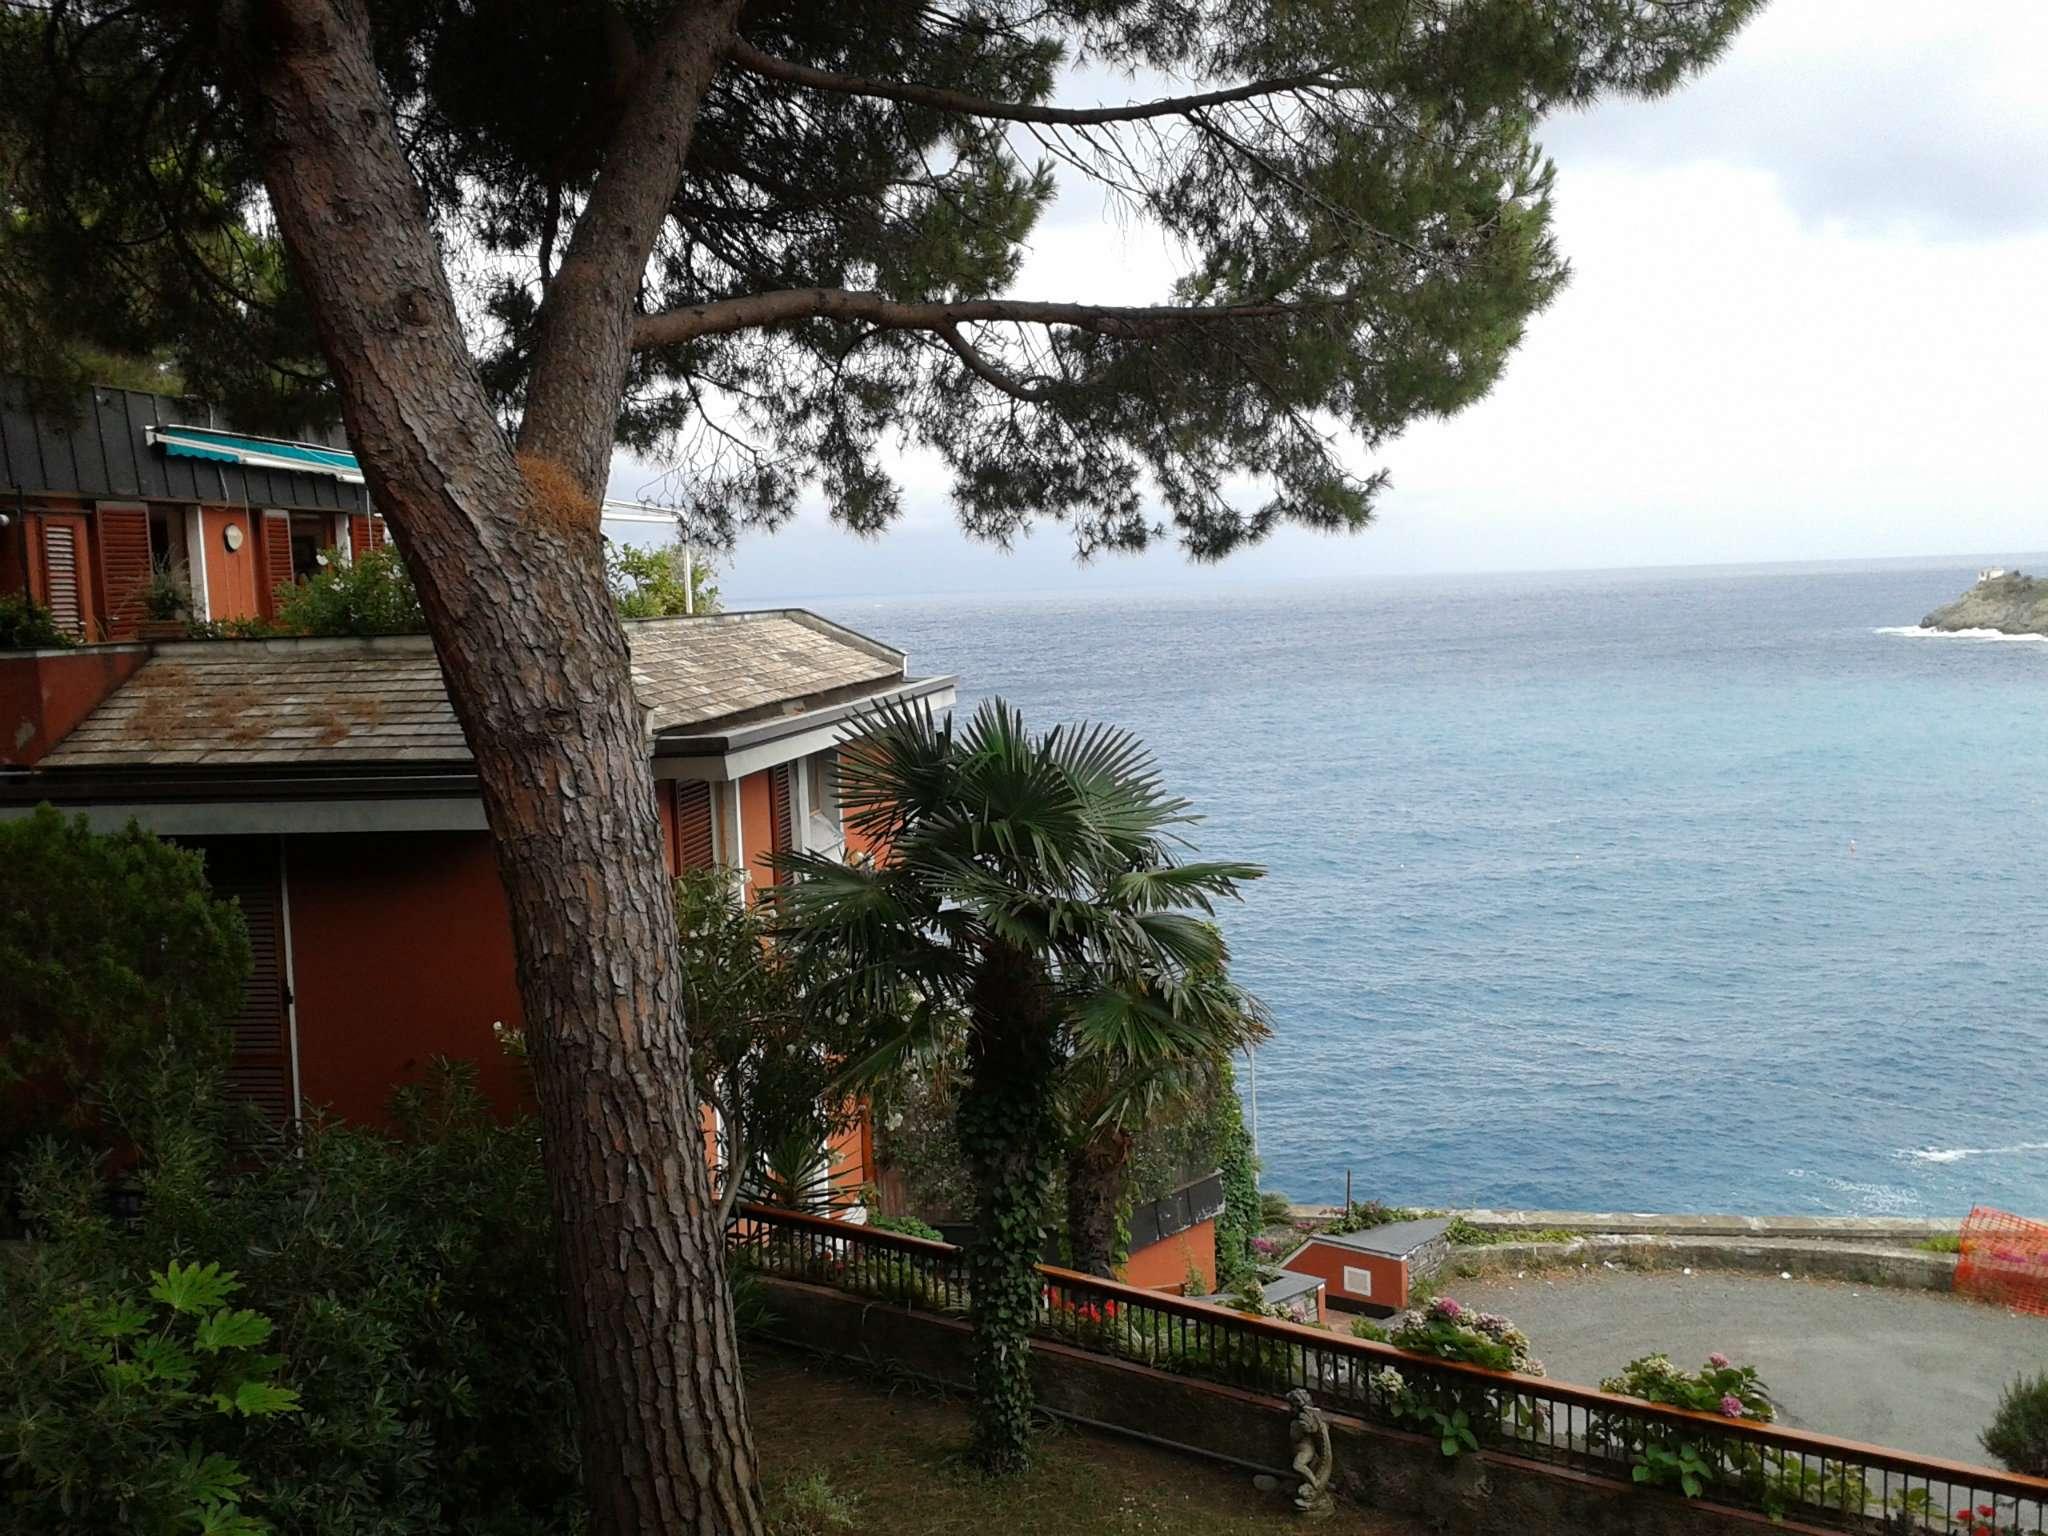 Appartamento in vendita a Bonassola, 5 locali, prezzo € 750.000 | CambioCasa.it